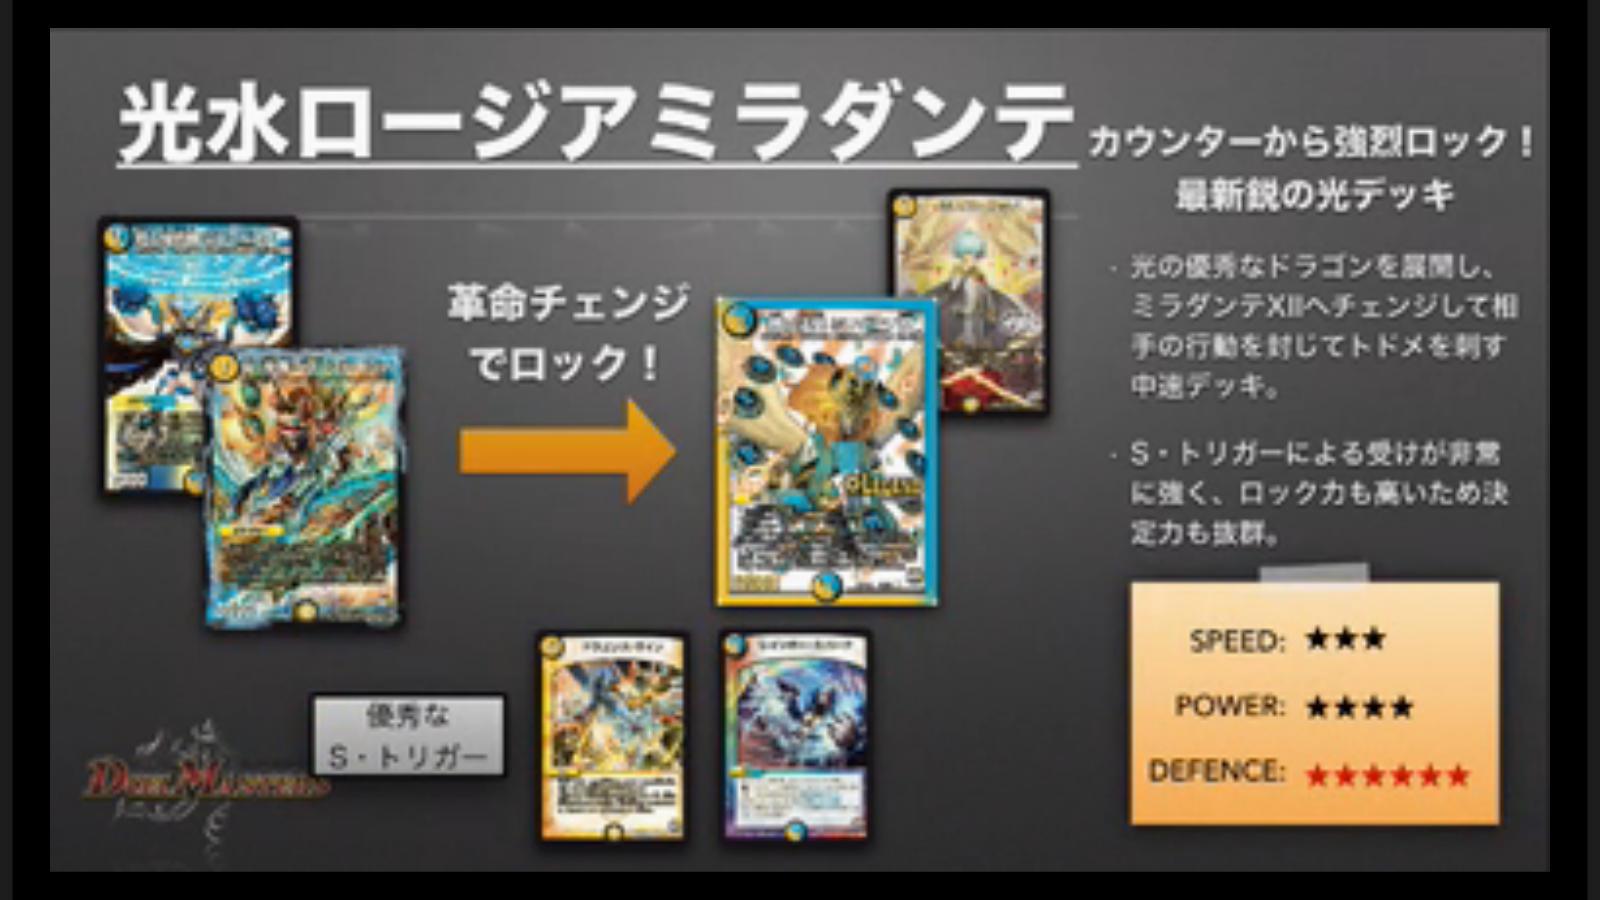 dm-kakumei-finalcup-news-170226-013.jpg